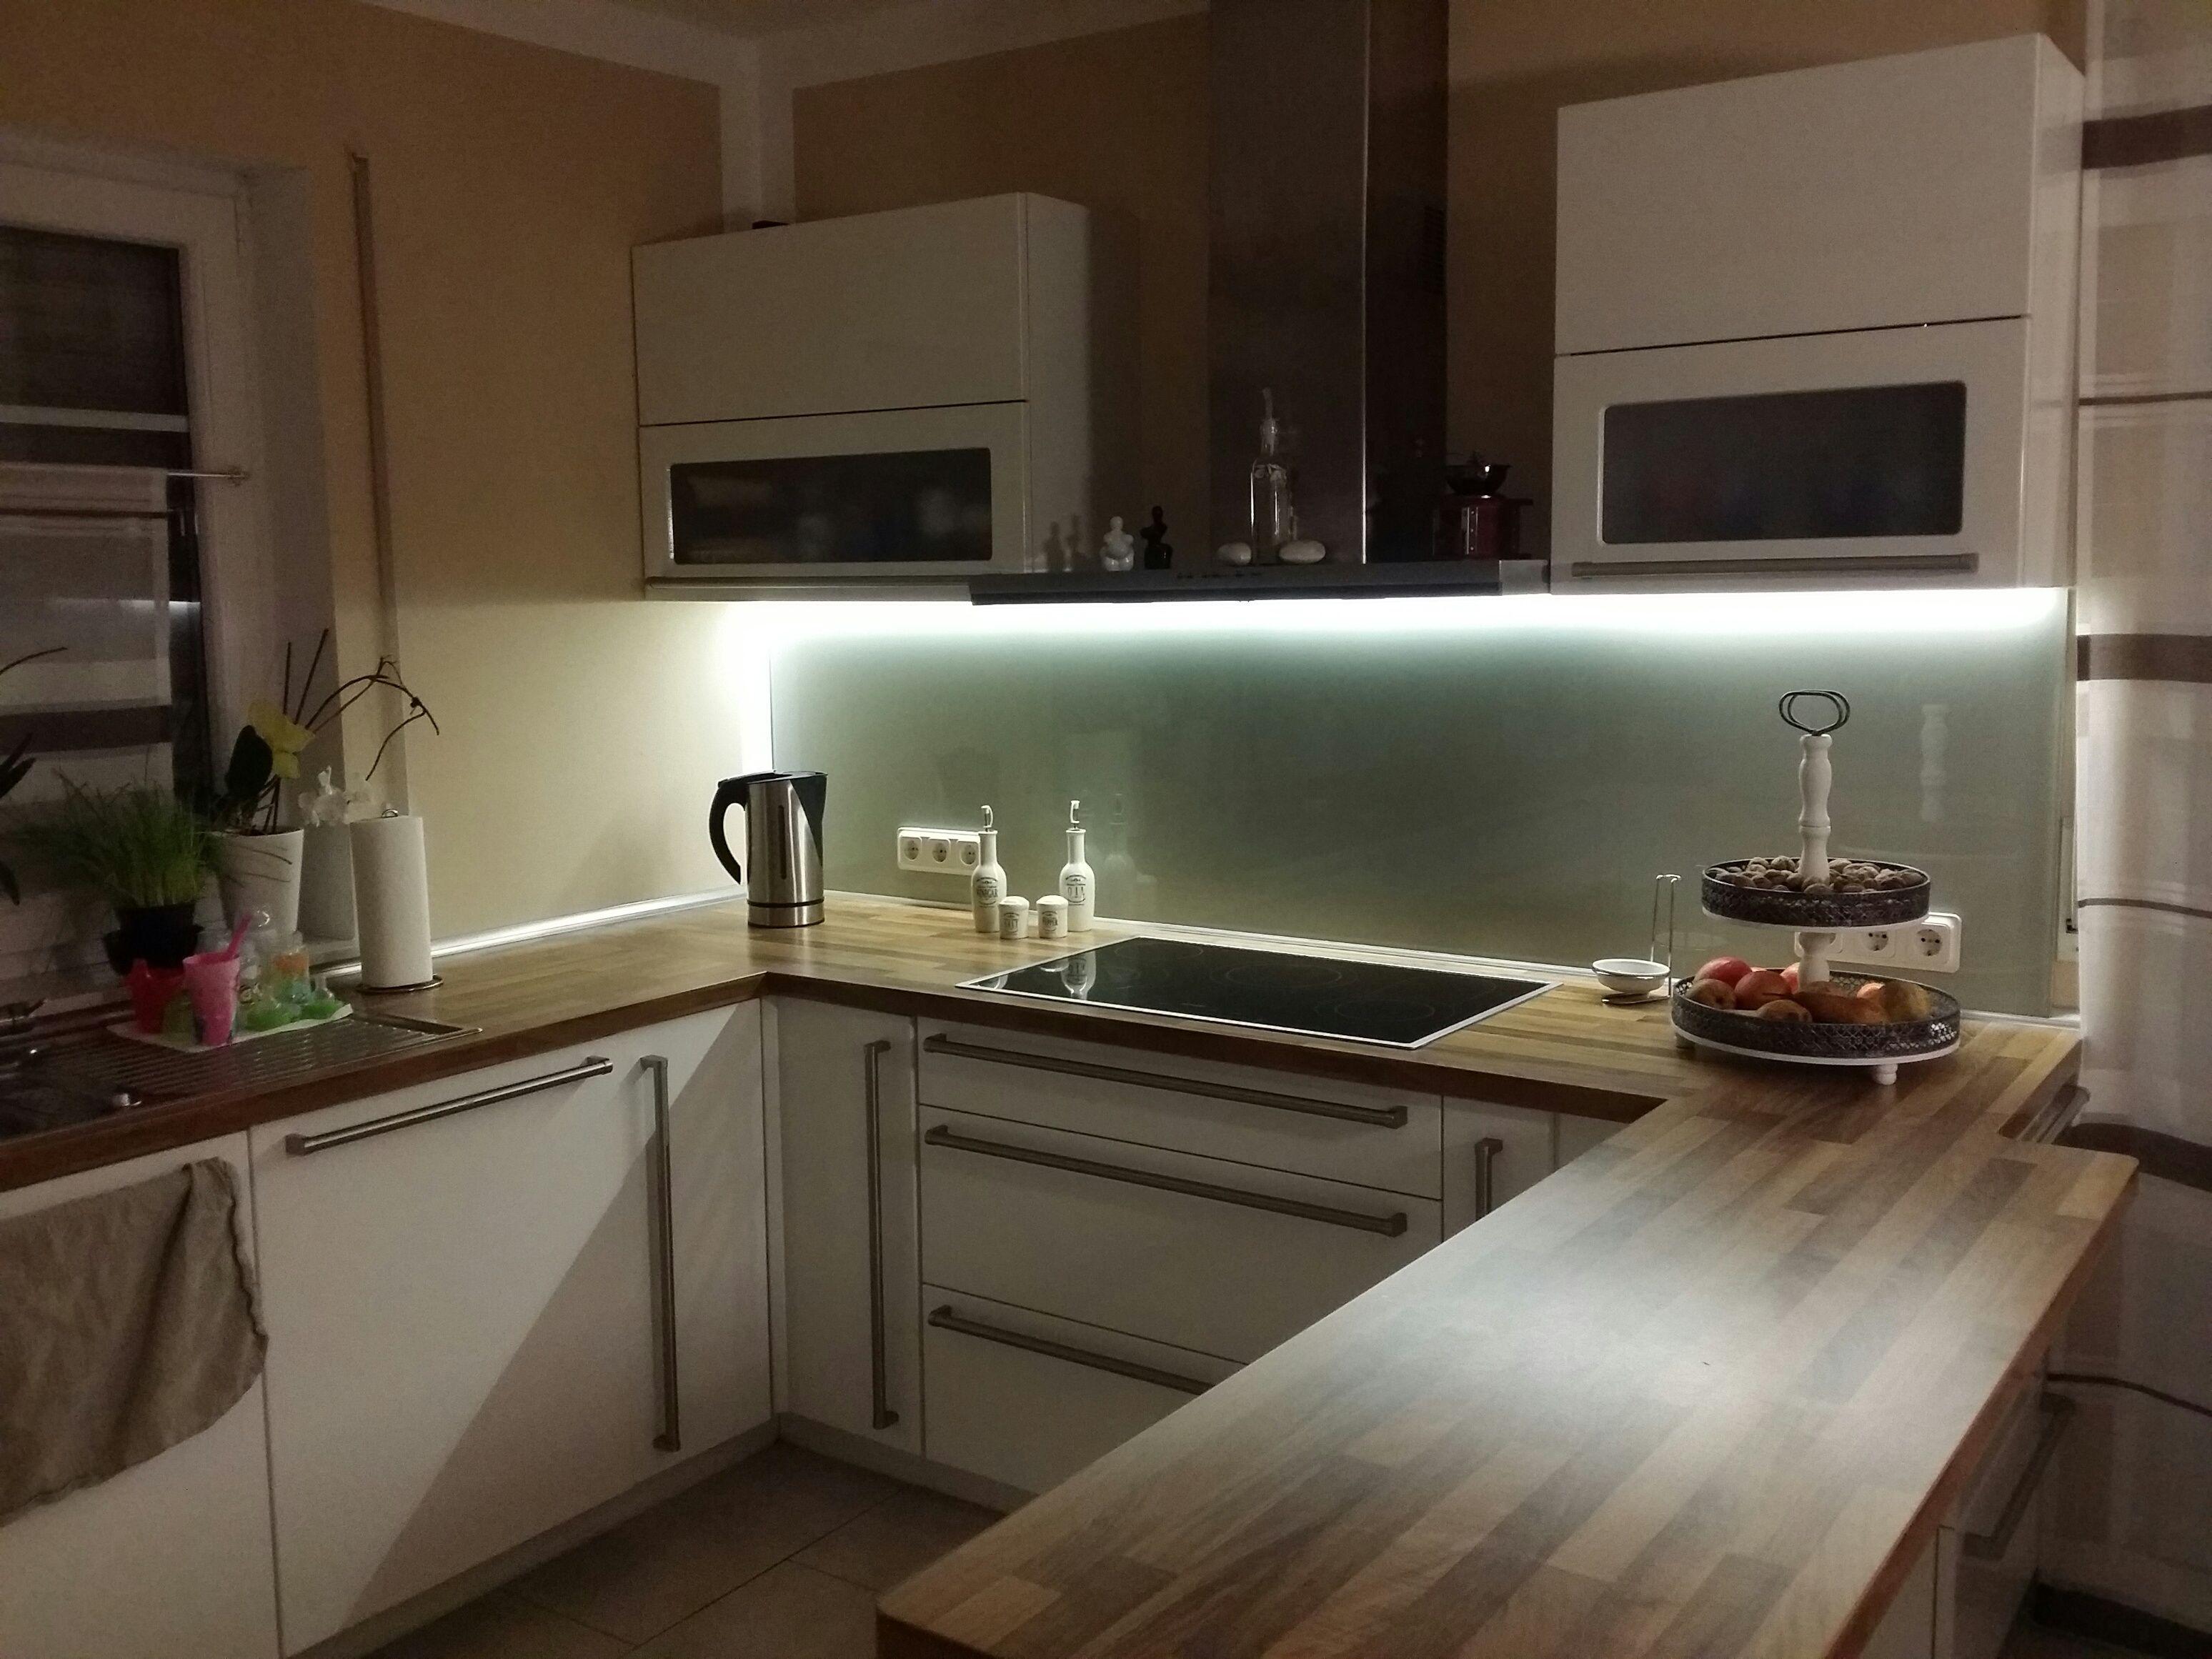 Küchenspiegel Holz ~ Küchenspiegel aus glas is u hitoiro